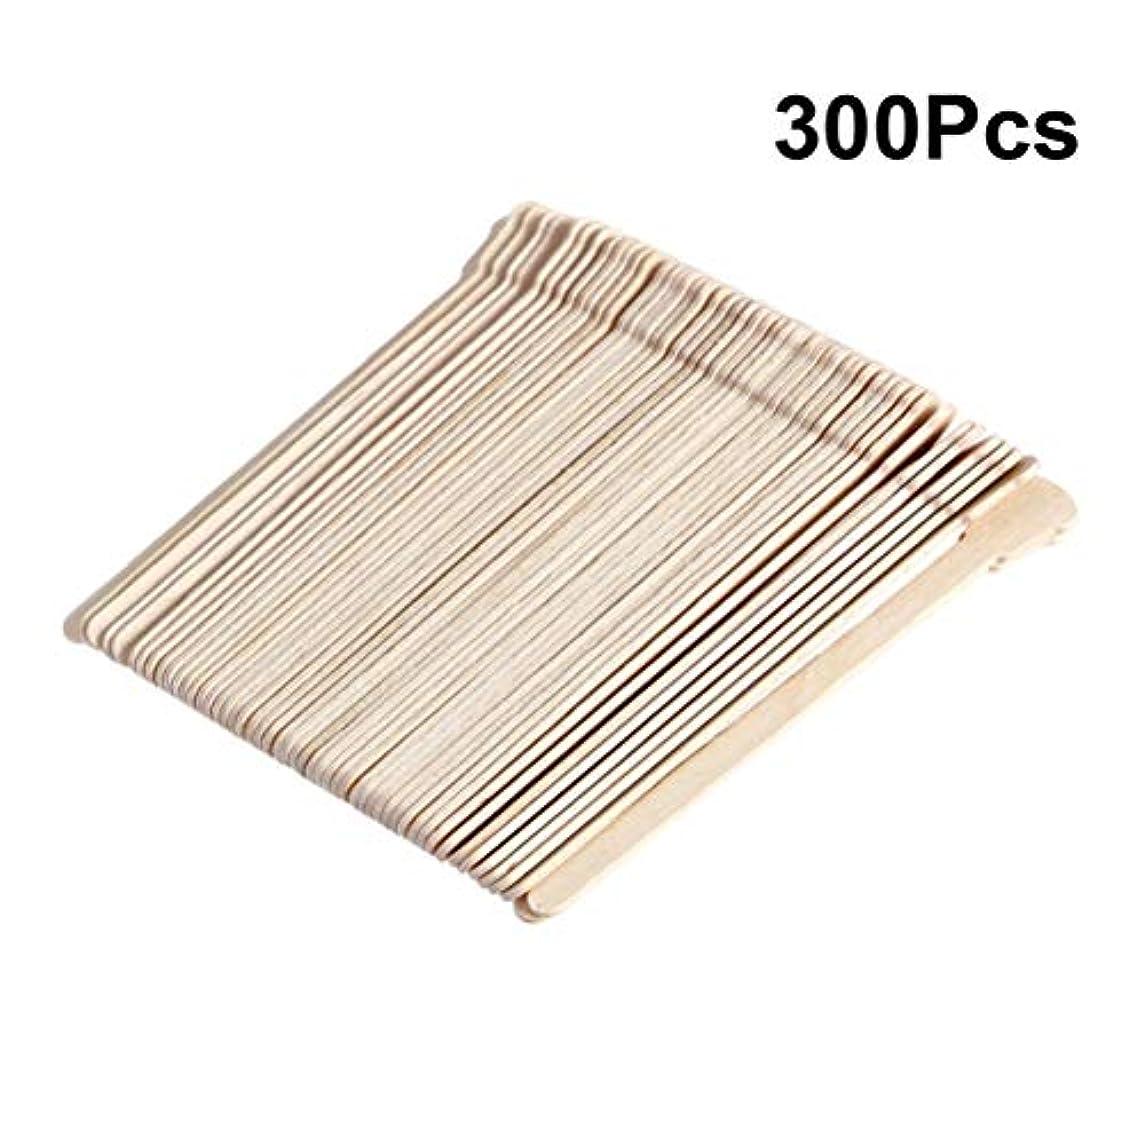 トレイルメッシュ生むSUPVOX 300ピース木製ワックススティックフェイス眉毛ワックスへら脱毛(オリジナル木製色)